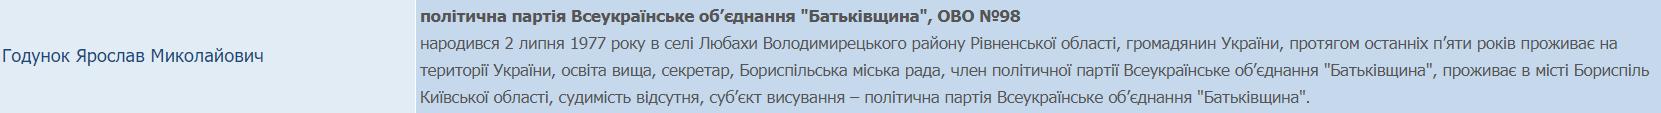 Годунок2 copy